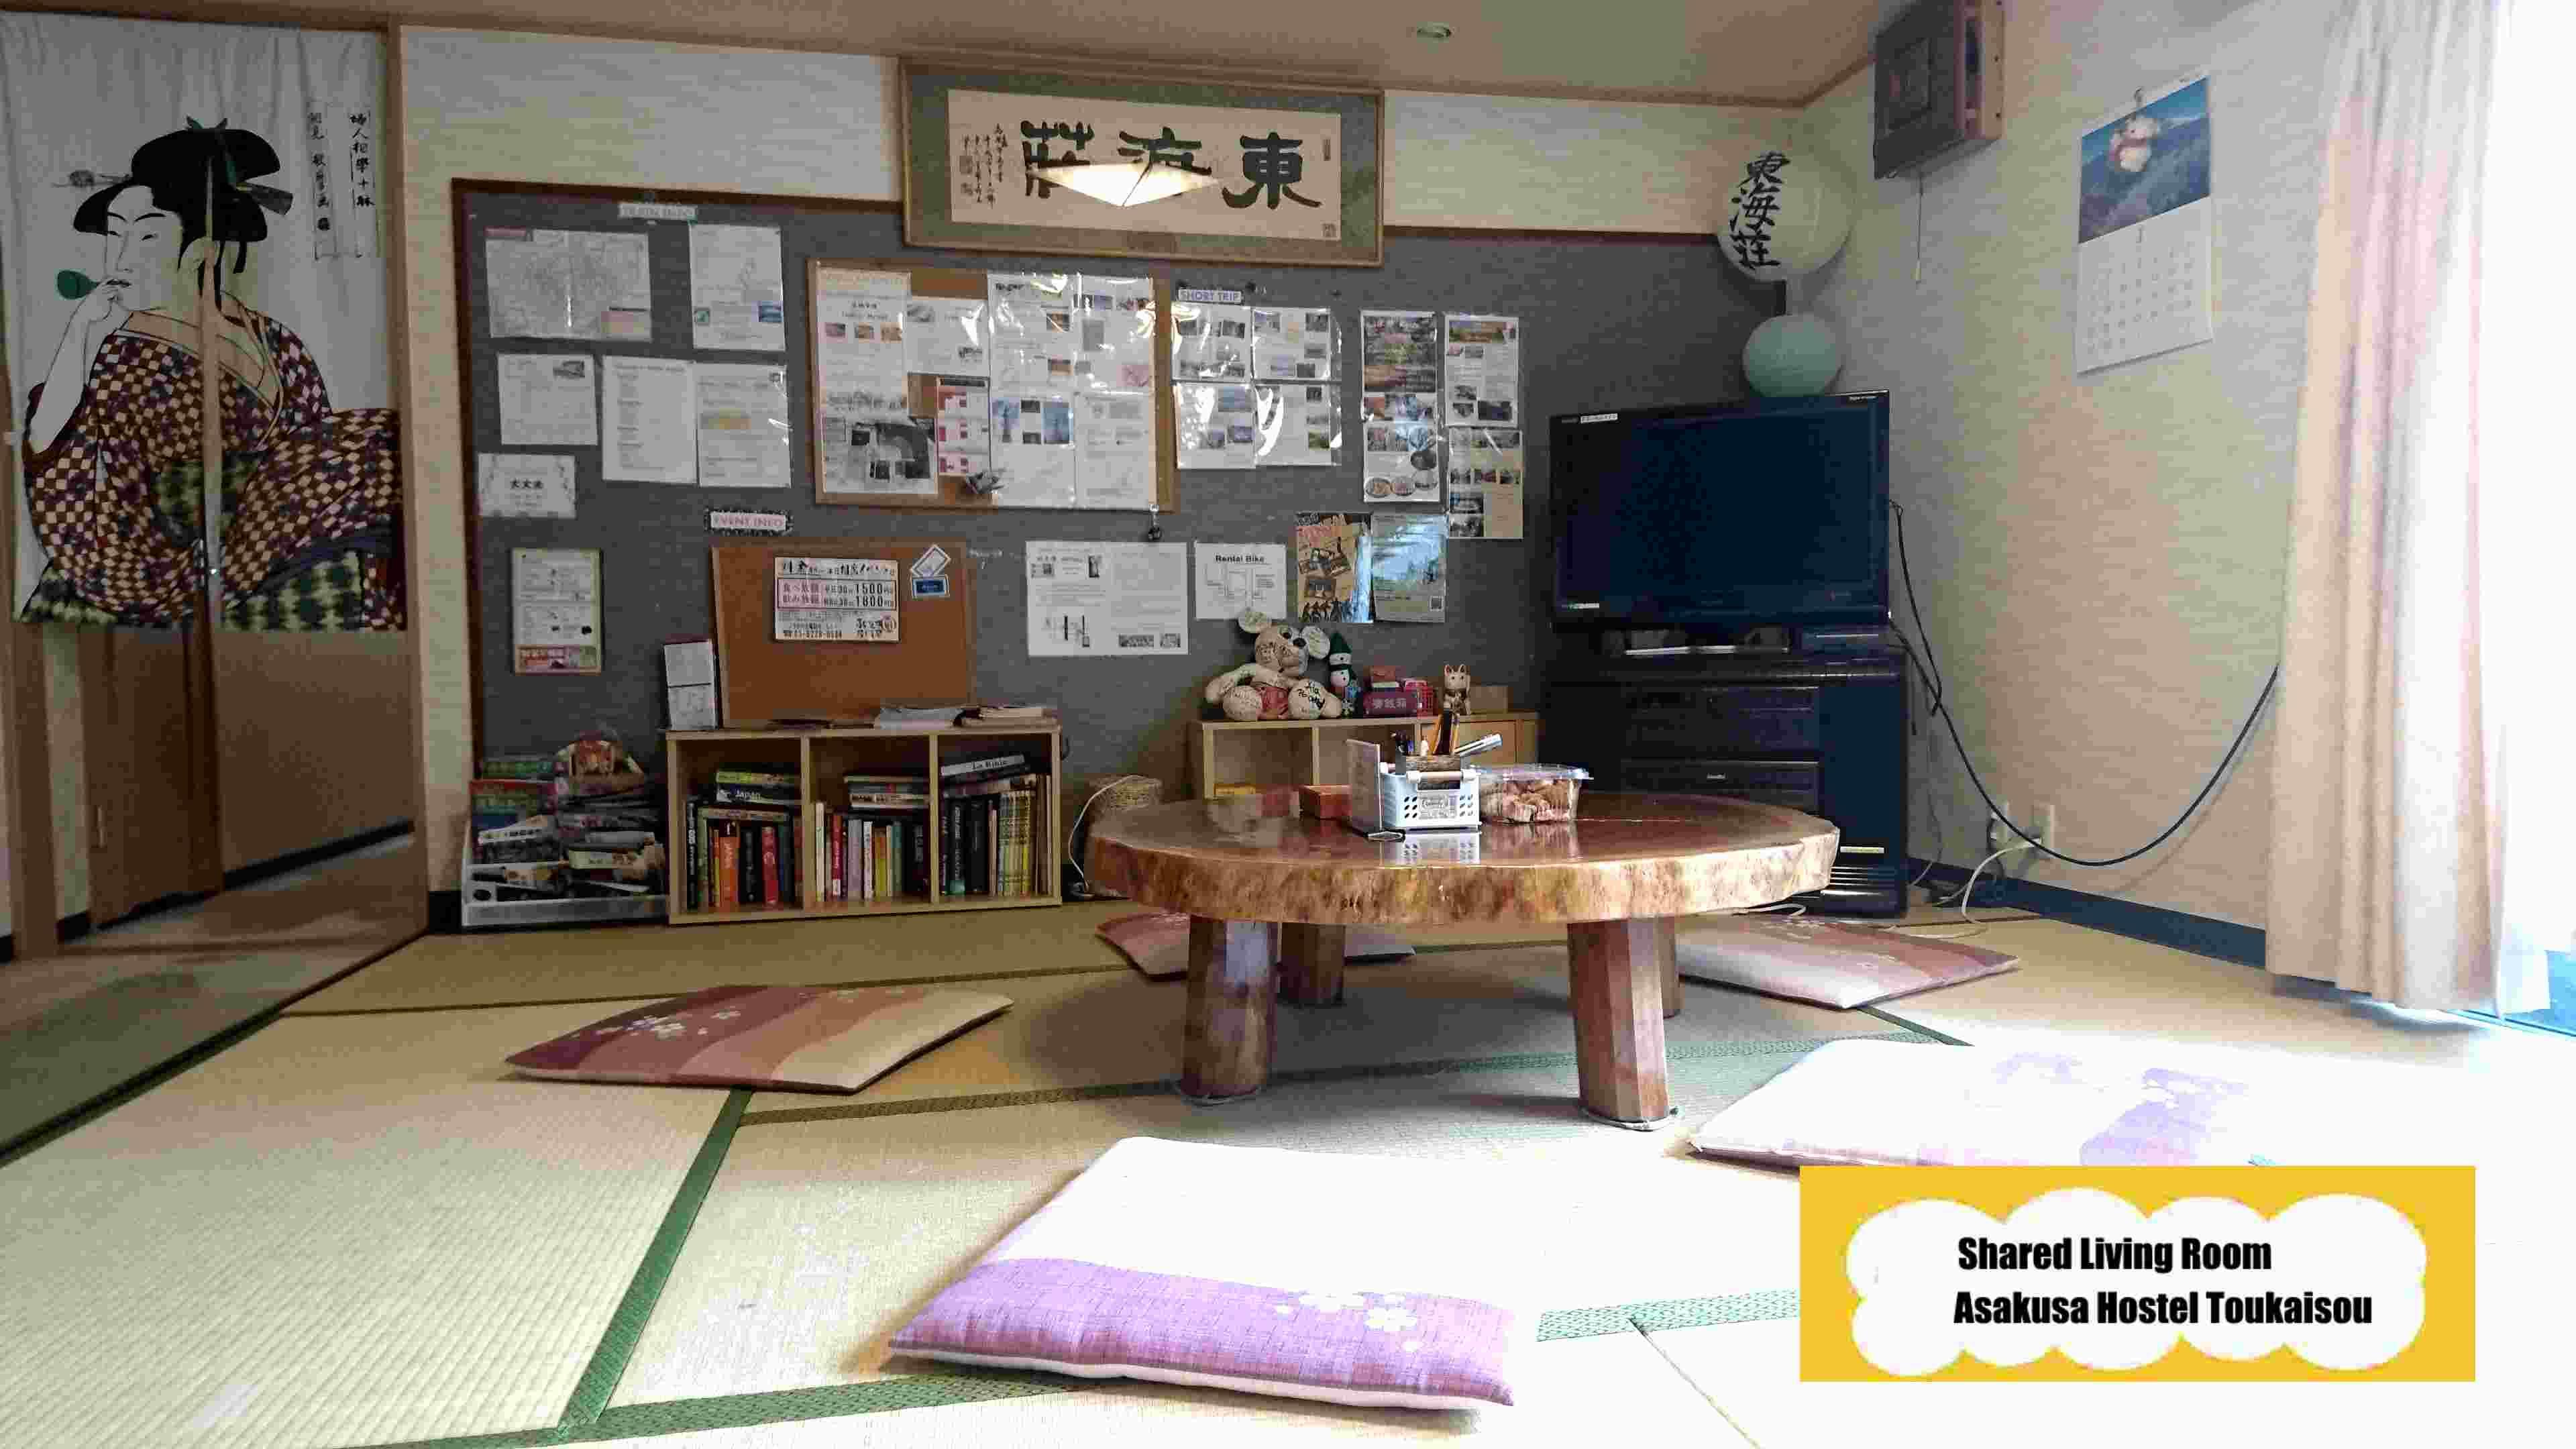 HOSTEL - Asakusa Hostel Toukaisou